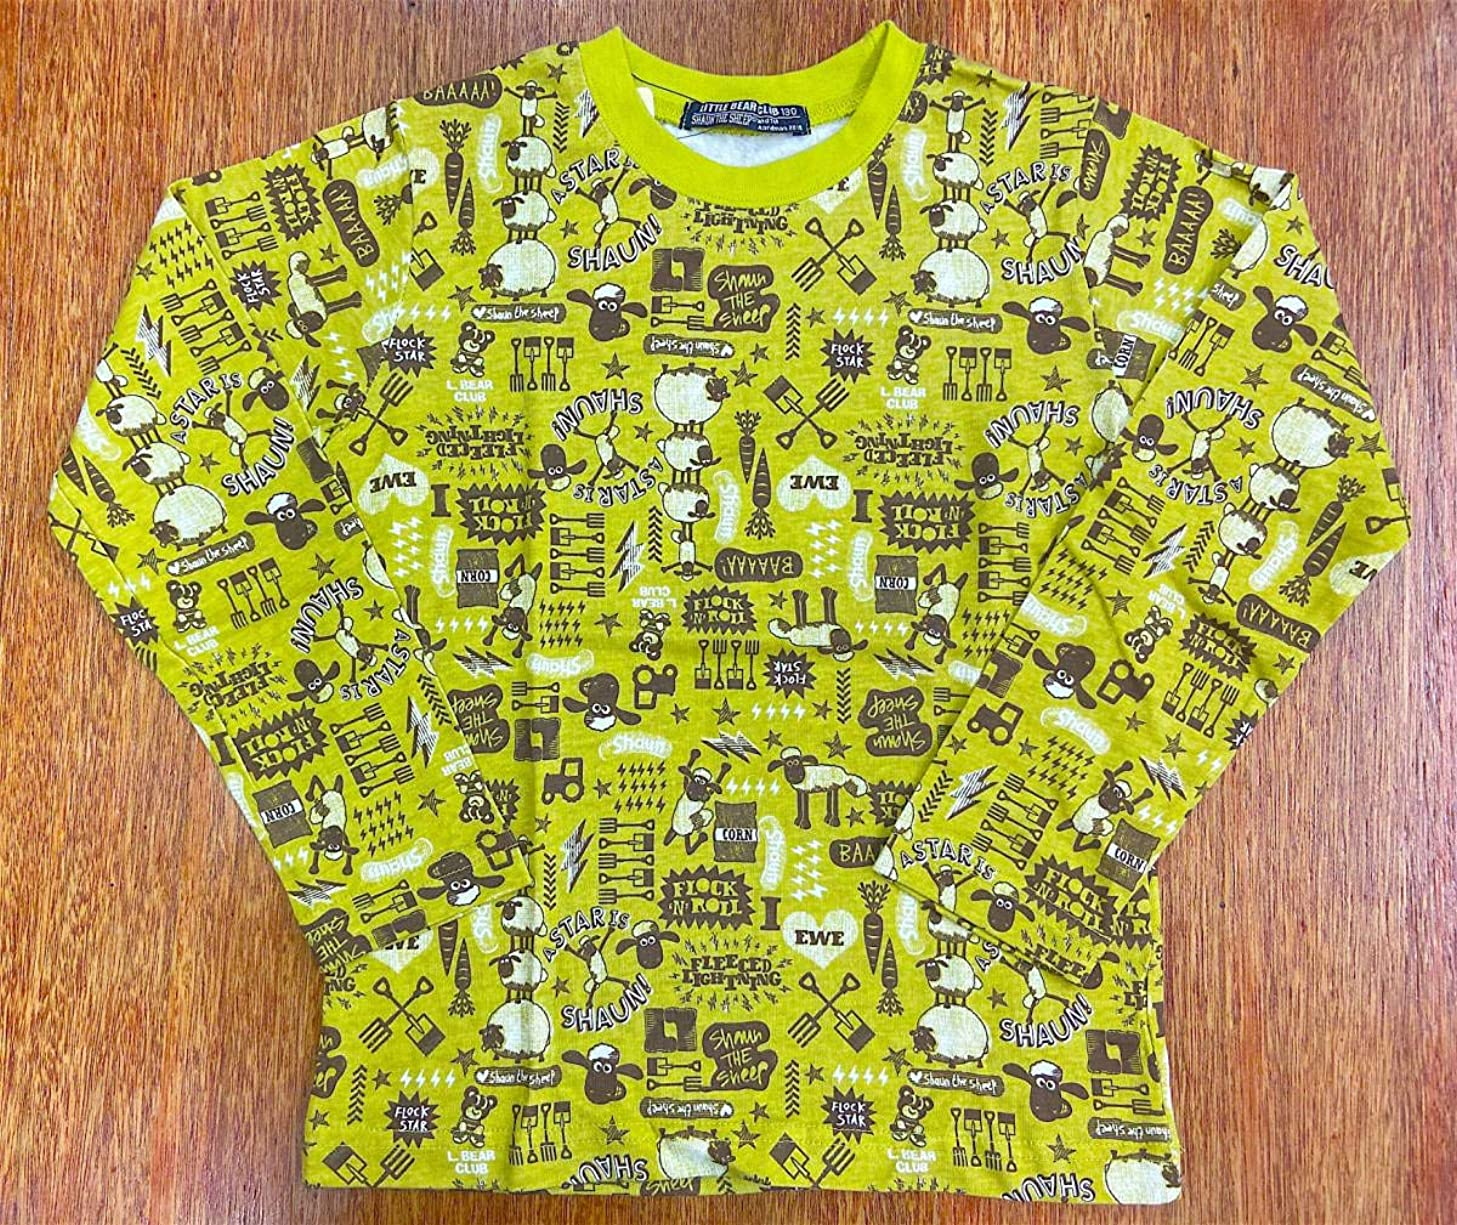 スペアホイットニー血統タグ付き ひつじのショーン 男児LITTLE BEAR CLUB リトルベアークラブ 総柄 長袖Tシャツ/be130cm(9-10才目安)¥2200